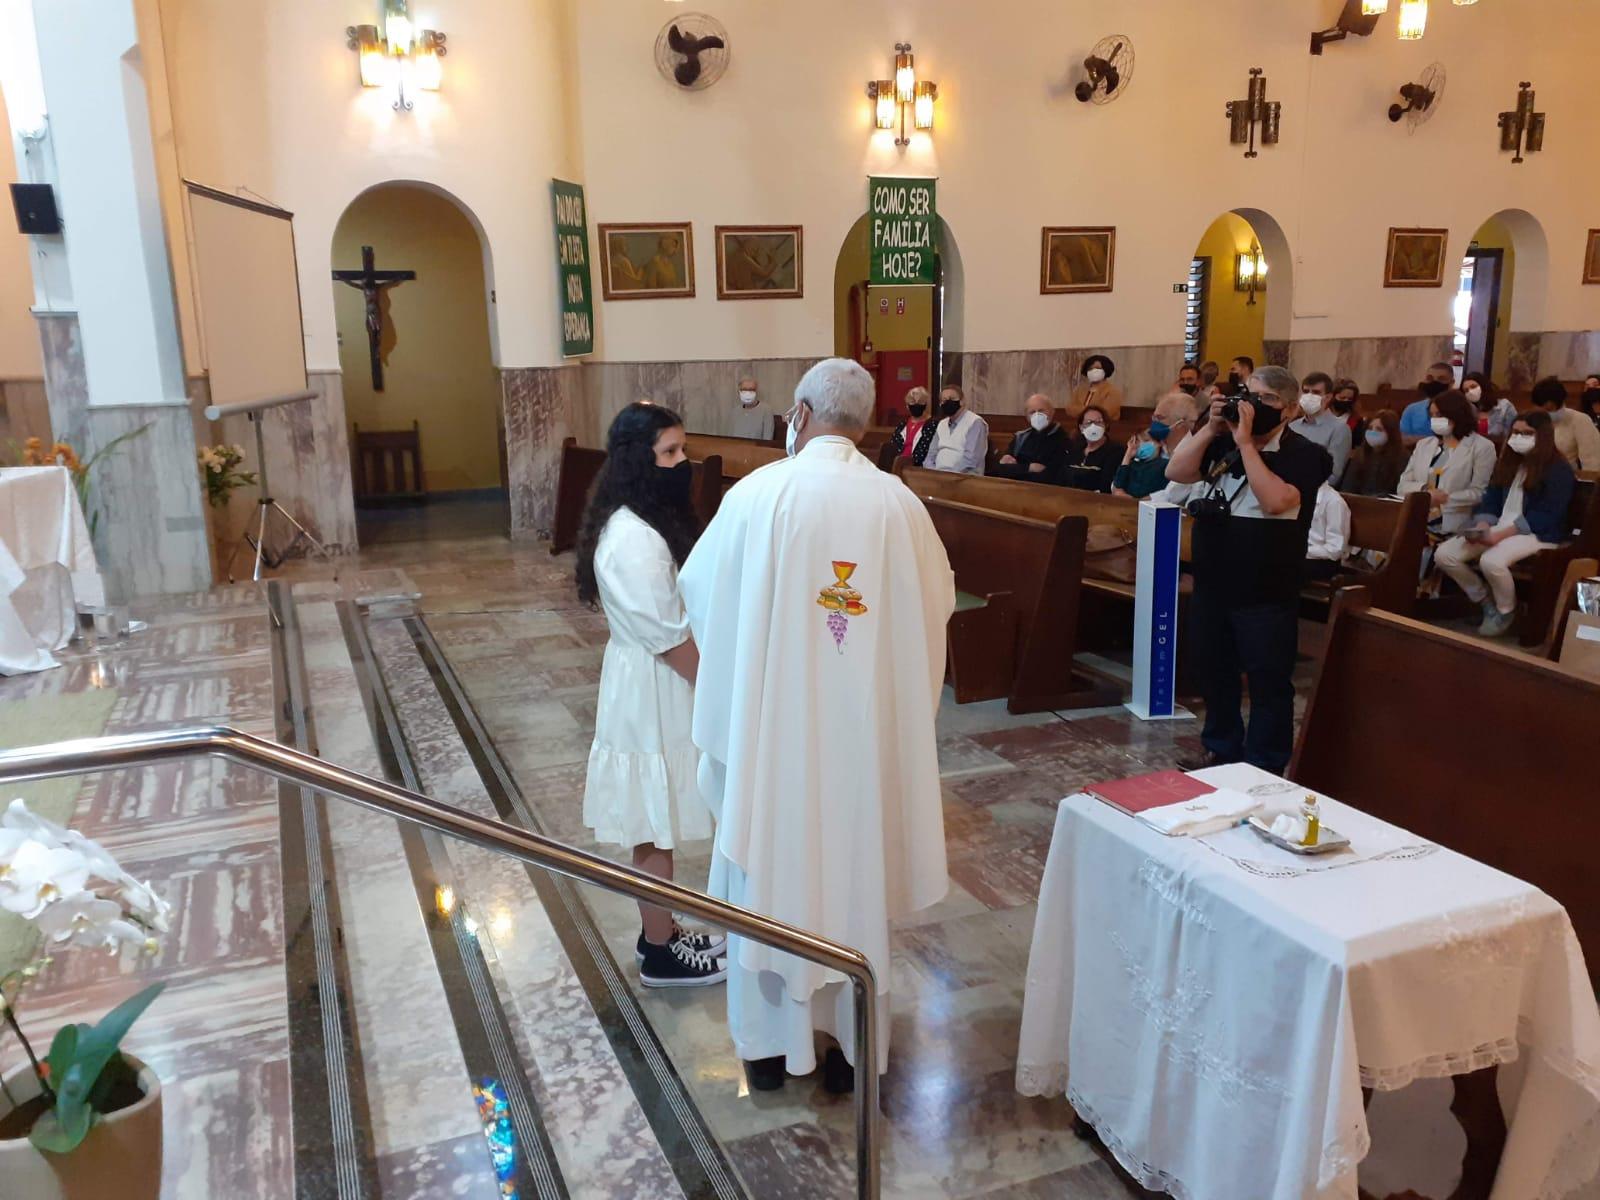 Eucaristia012